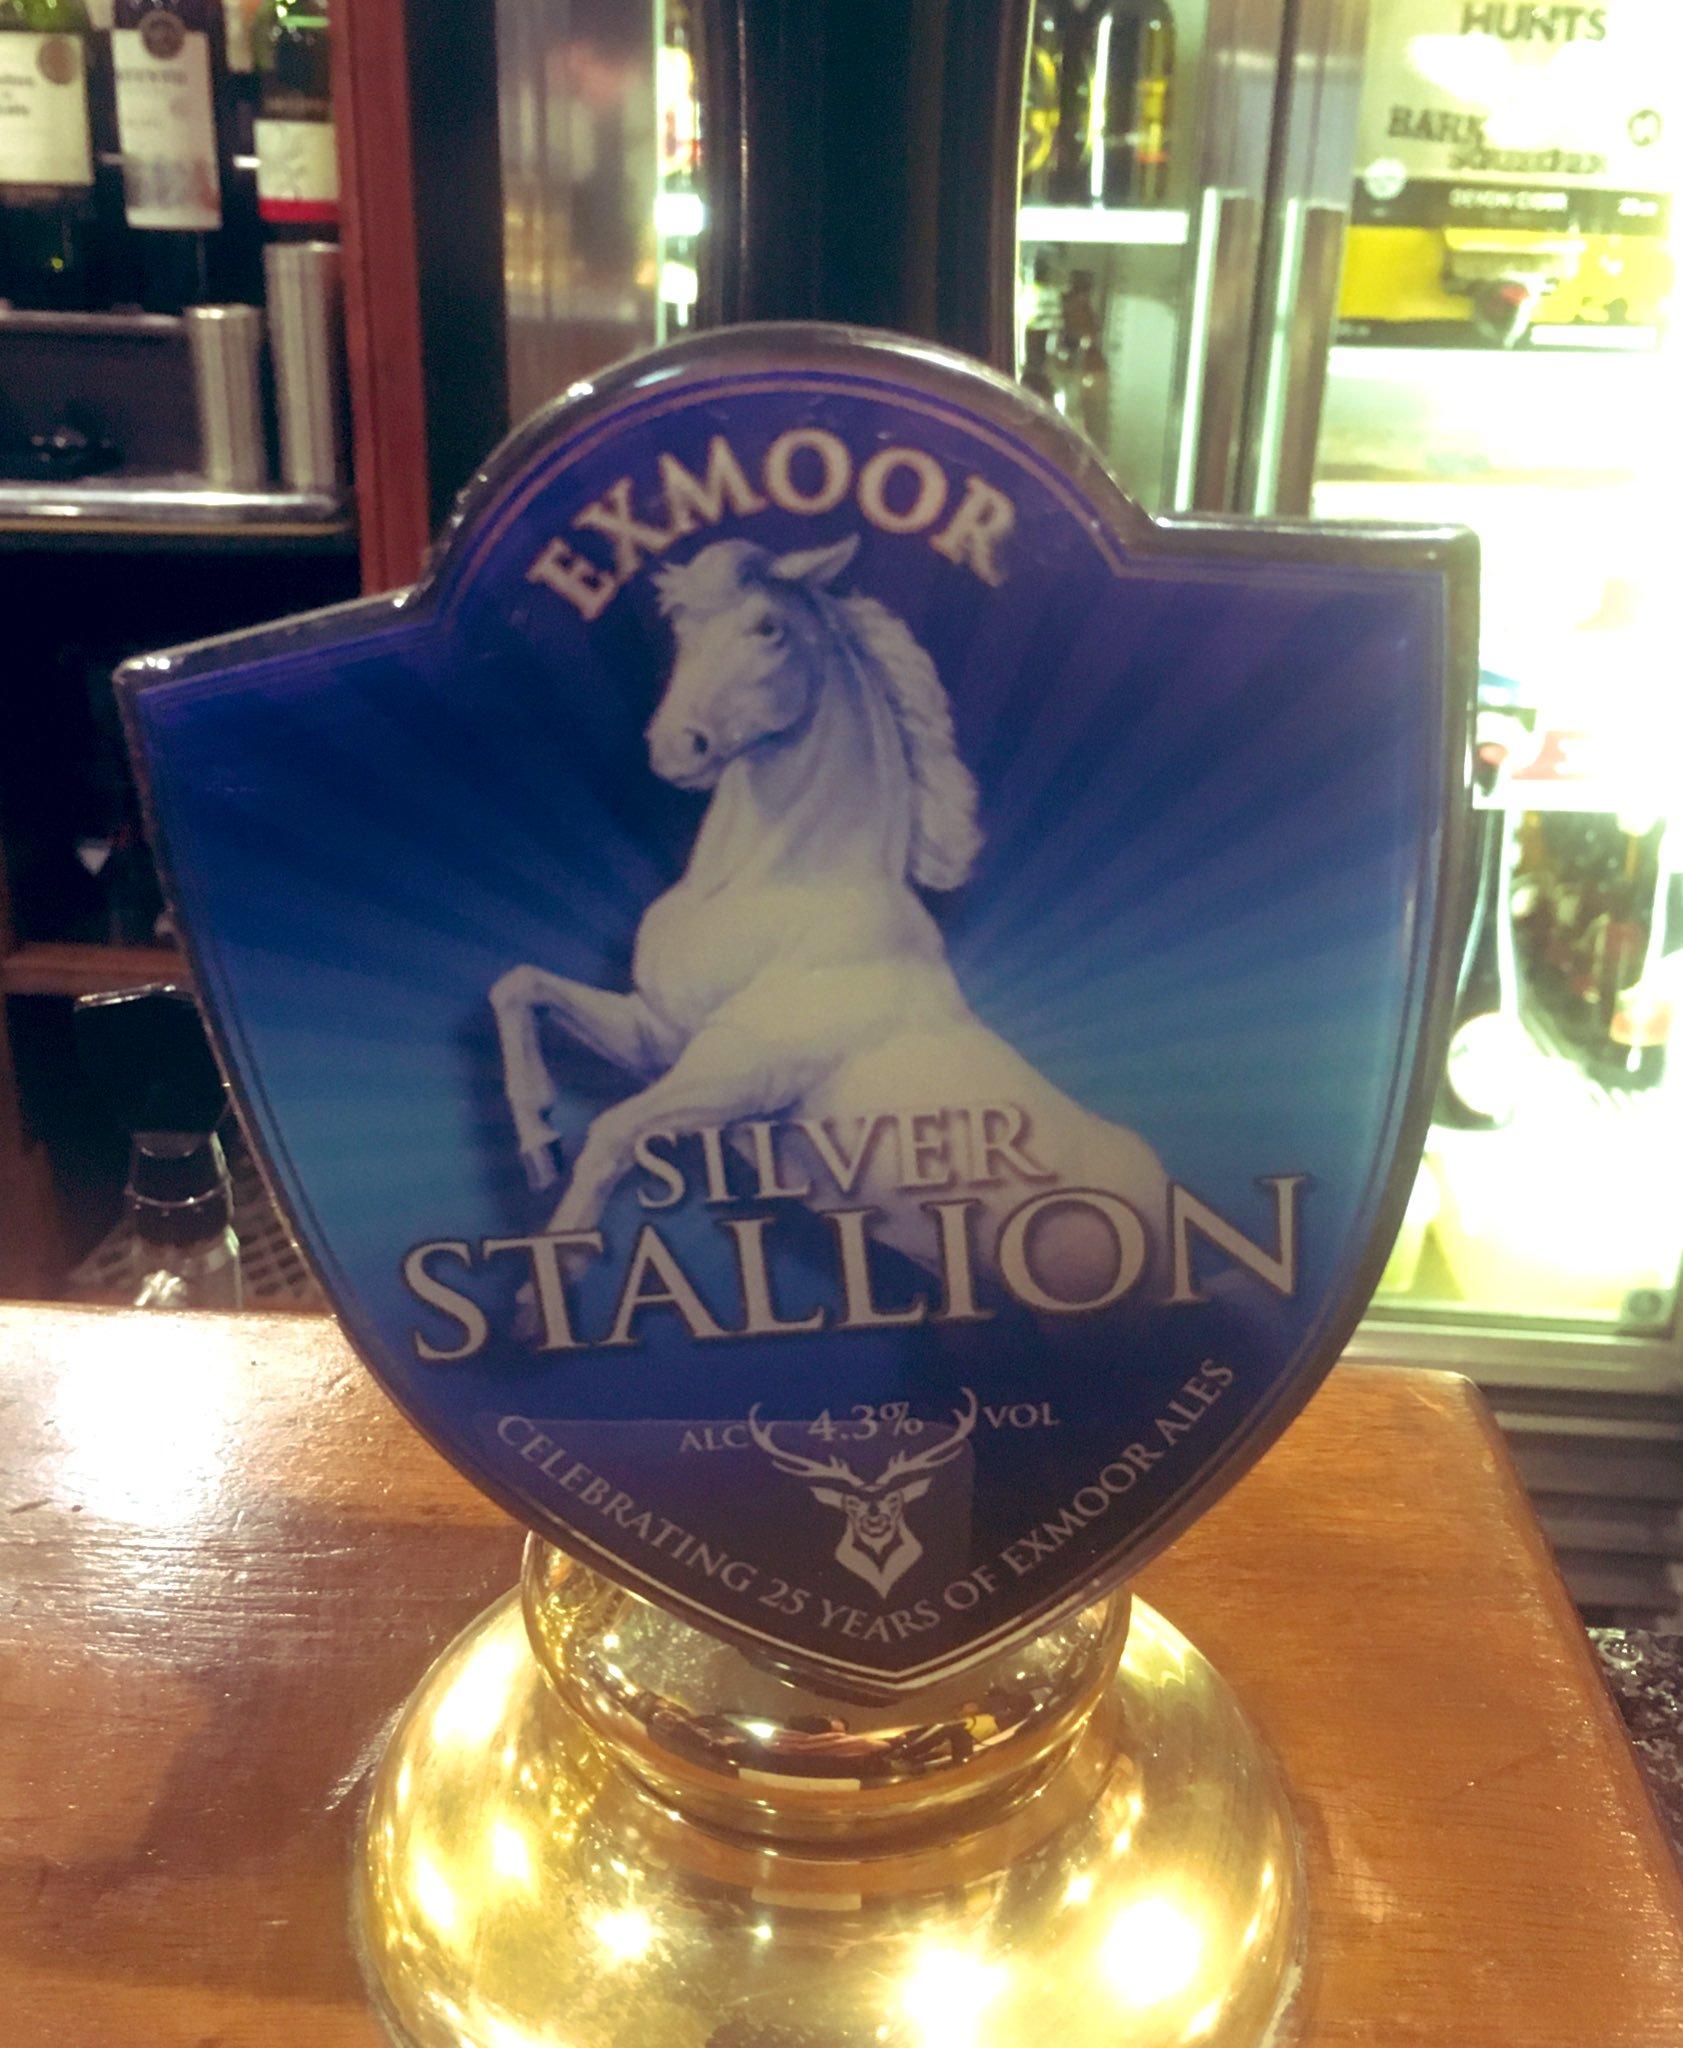 289: Silver Stallion